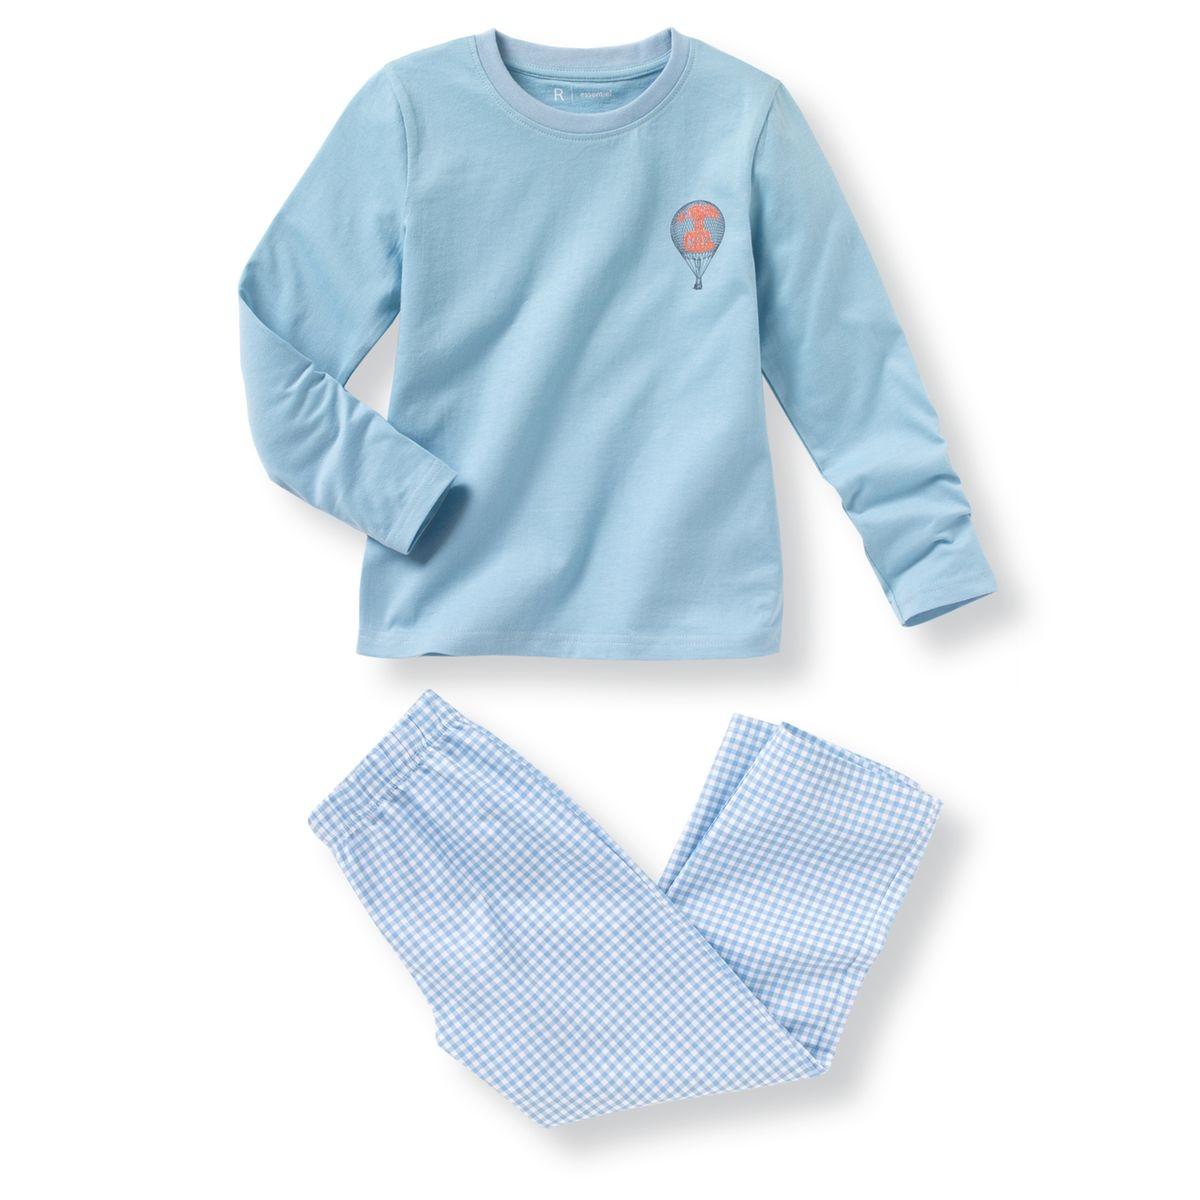 """Pyjama bi-matière composé d'un T-shirt en jersey et d'un pantalon en popeline. T-shirt manches longues avec impression """"montgolfière"""" poitrine. Col rond. Pantalon à carreaux et à taille élastiquée.Composition et détails : Matière Pur coton"""